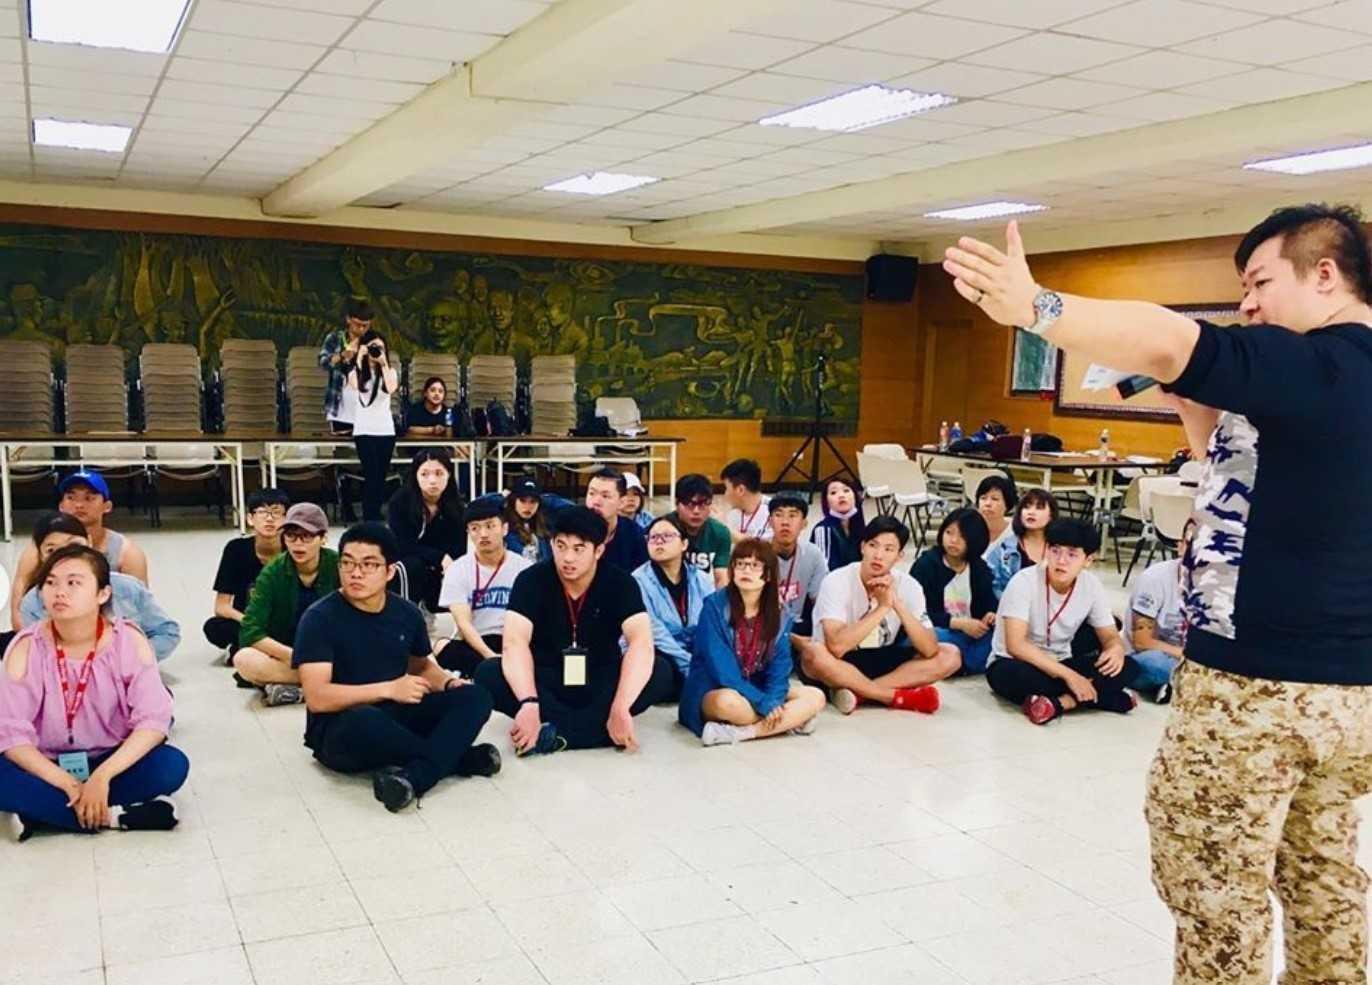 日月潭青年活動中心 | 會議室